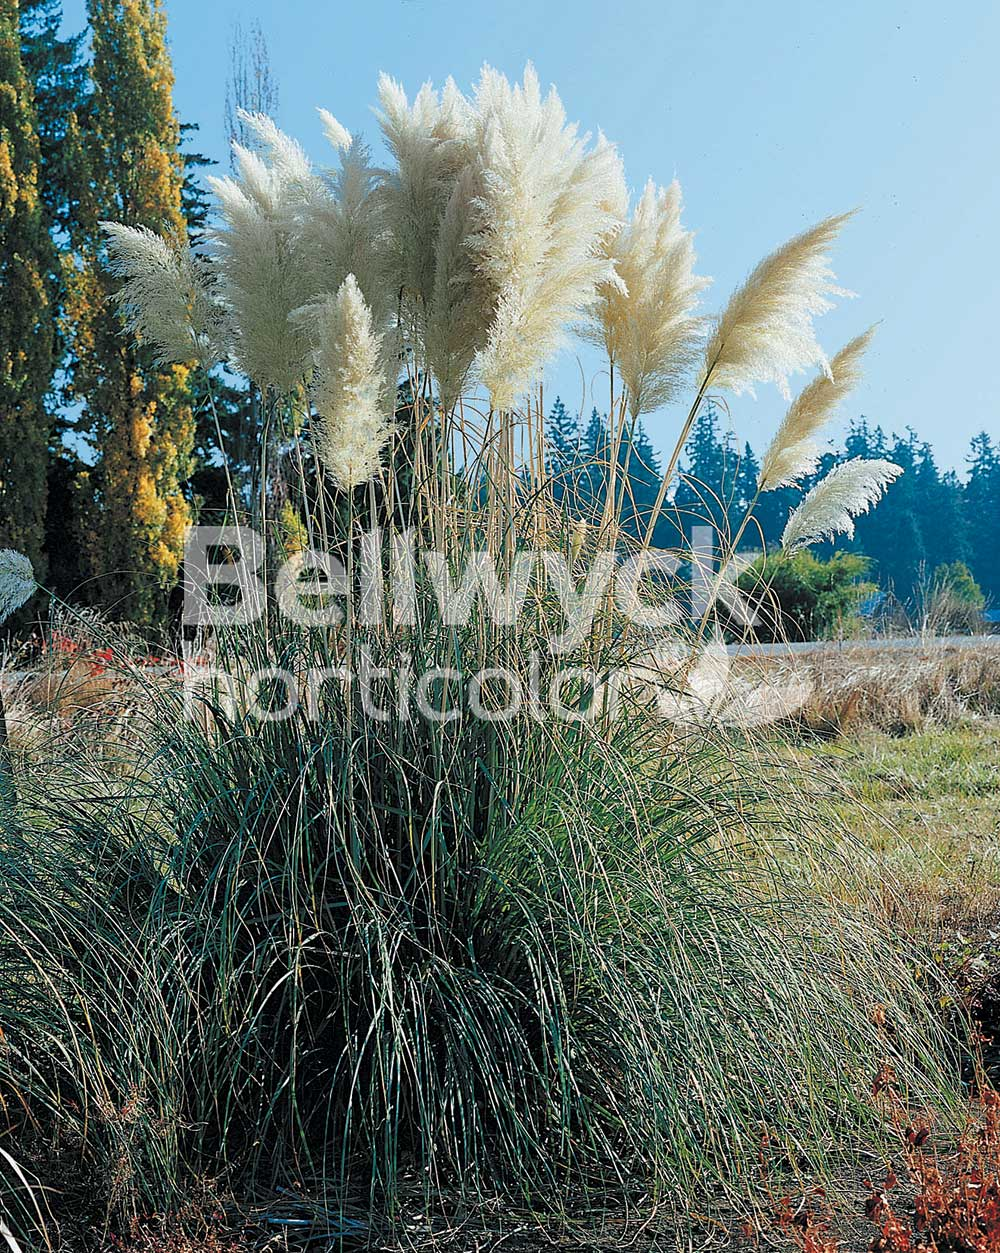 Cortaderia selloana